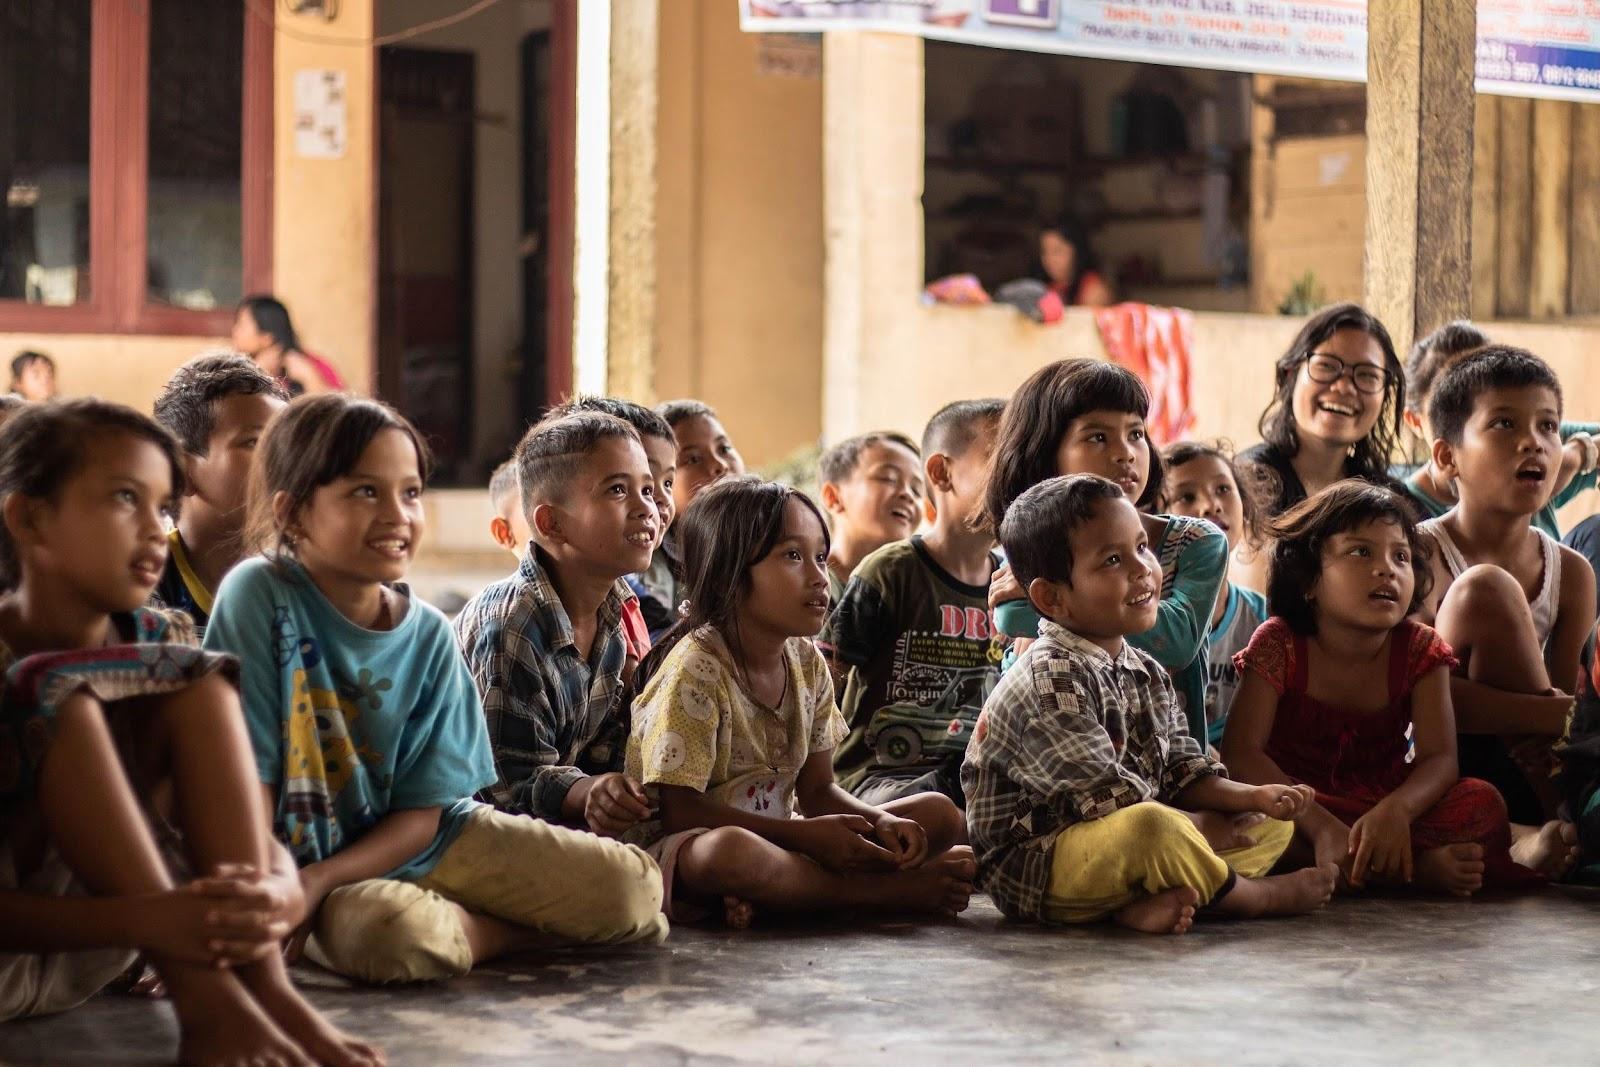 Grupo de pessoas sentadas no chão  Descrição gerada automaticamente com confiança média